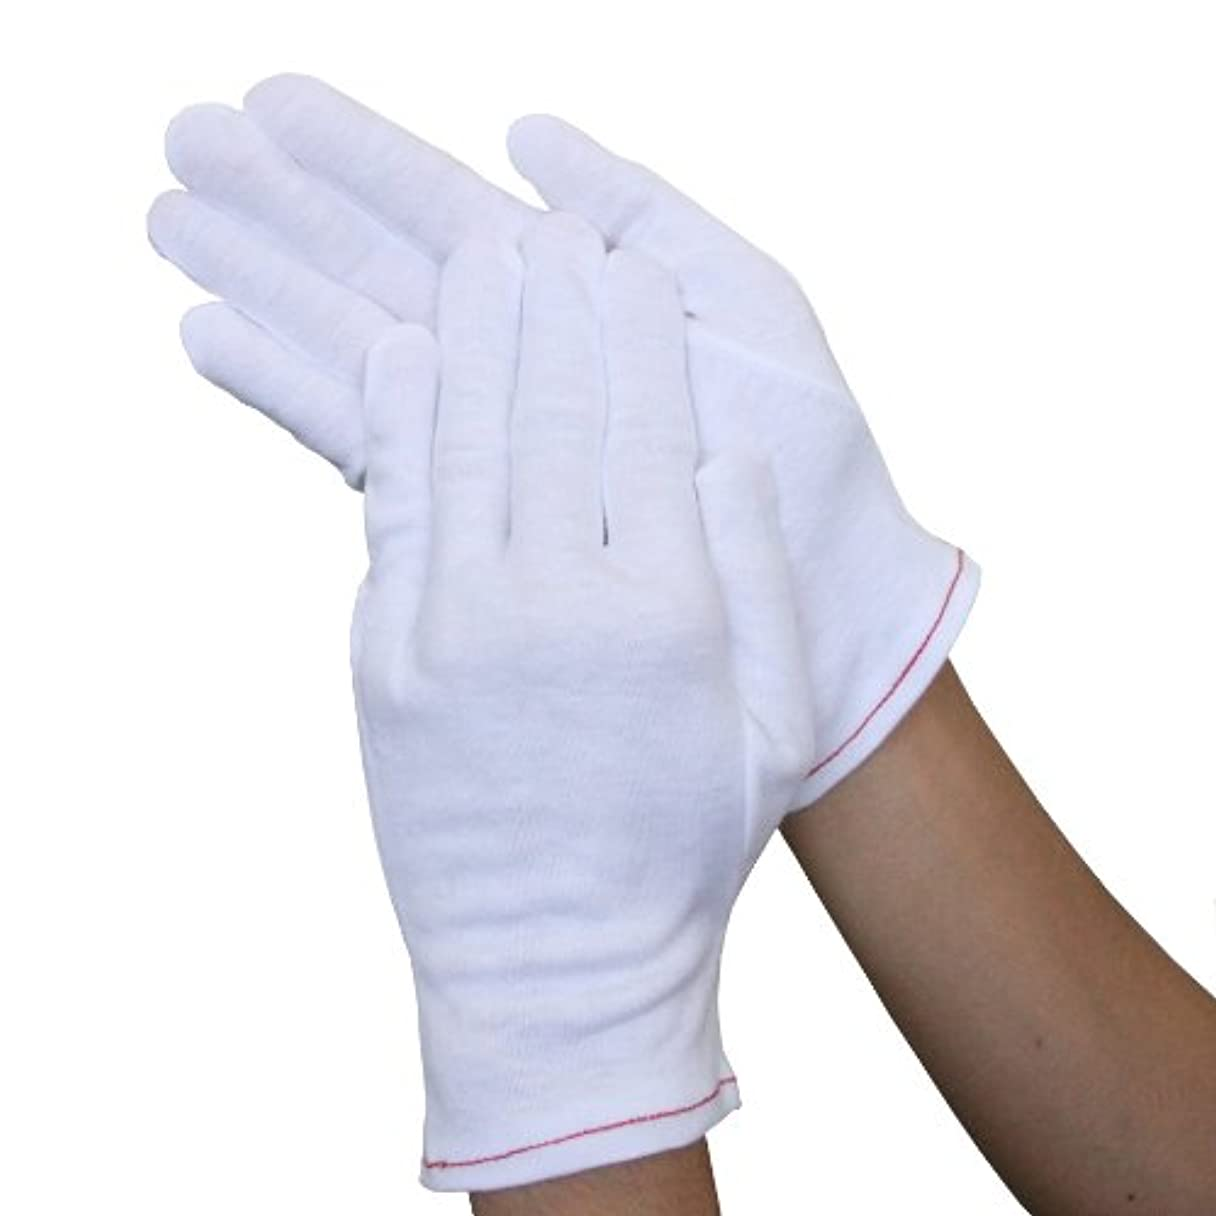 味方タフフロンティアウインセス 【心地よい肌触り/おやすみ手袋】 綿100%手袋 (2双) (L)